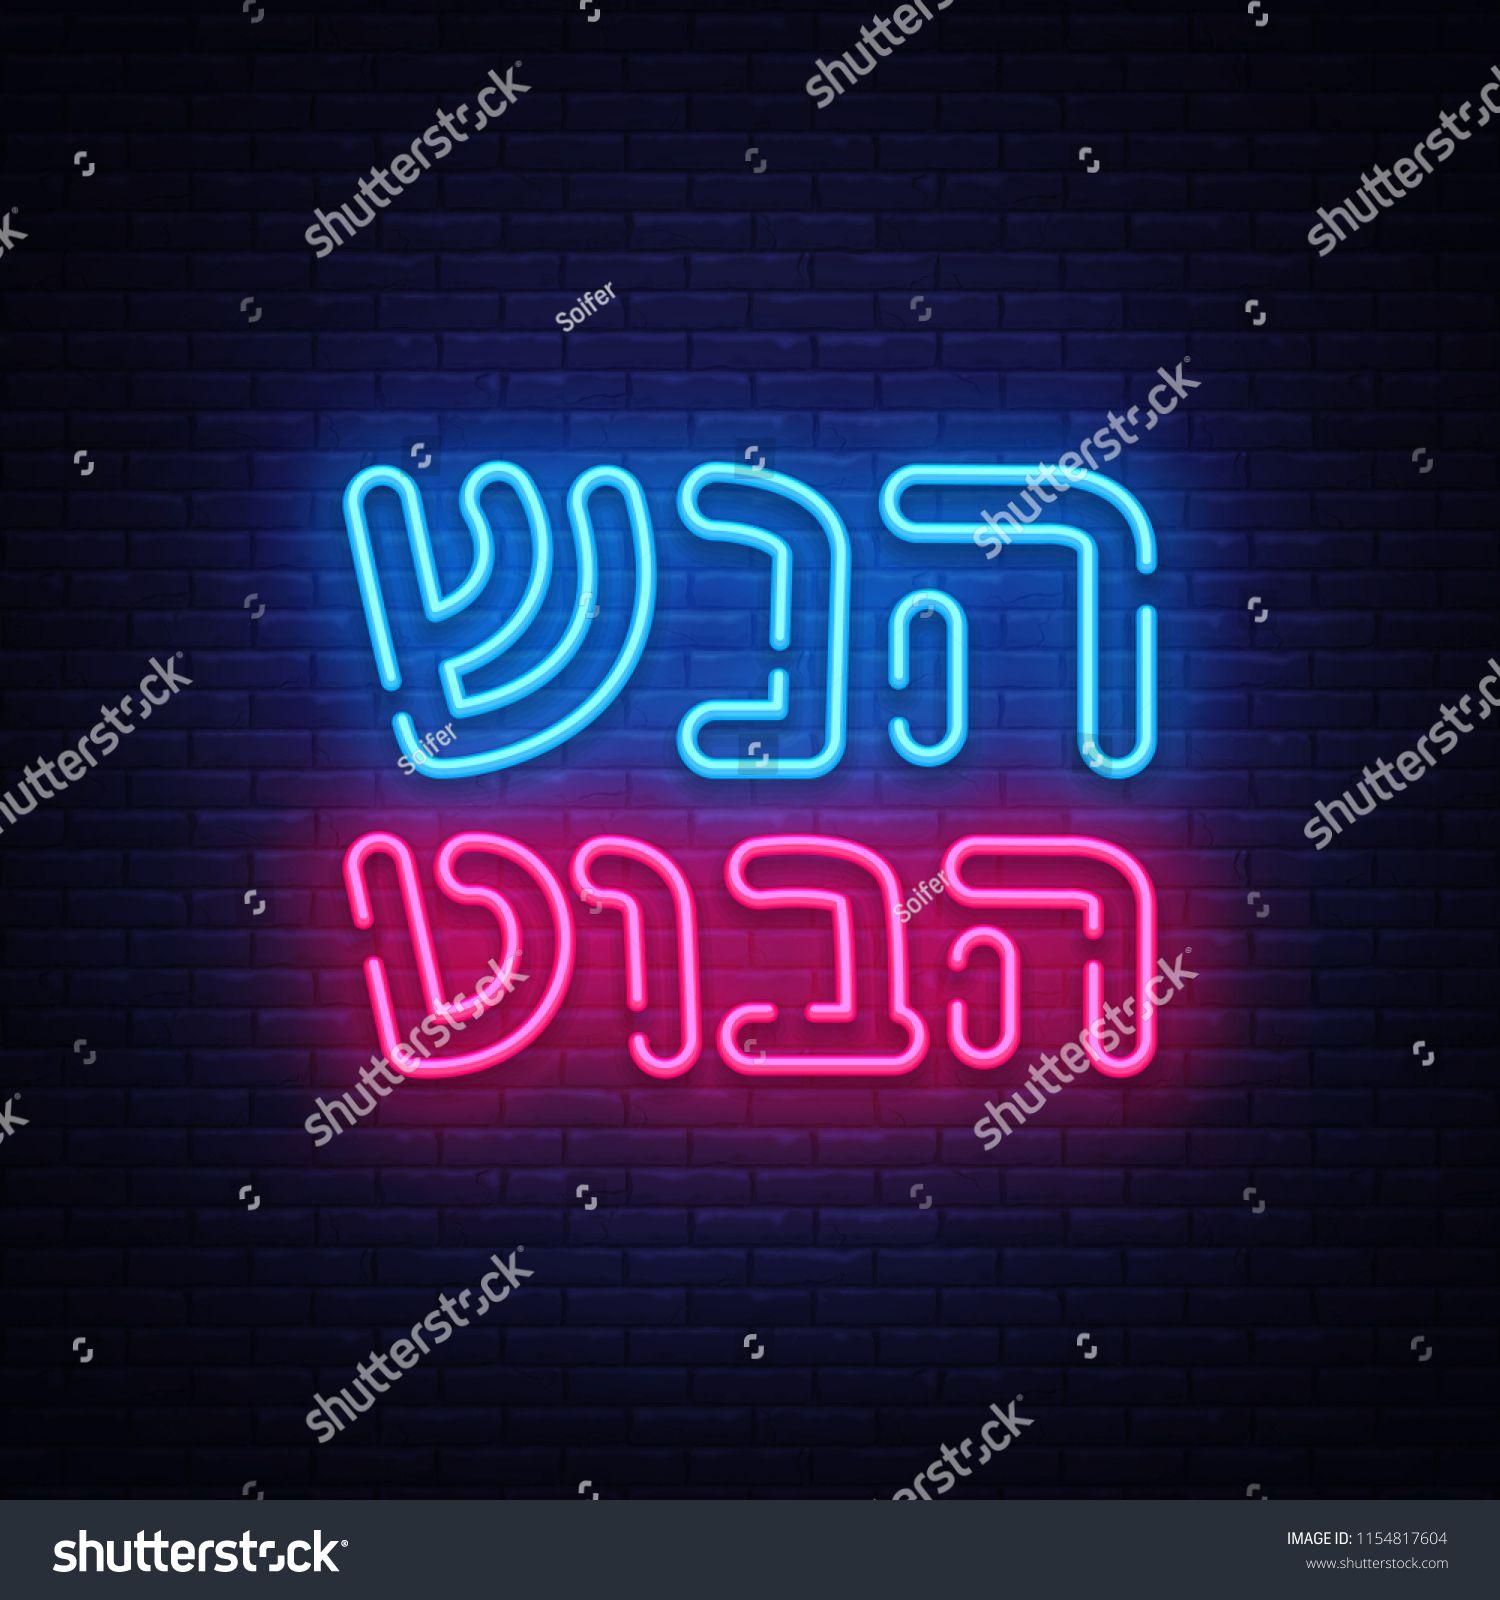 Rosh hashanah greeting card, design template, vector